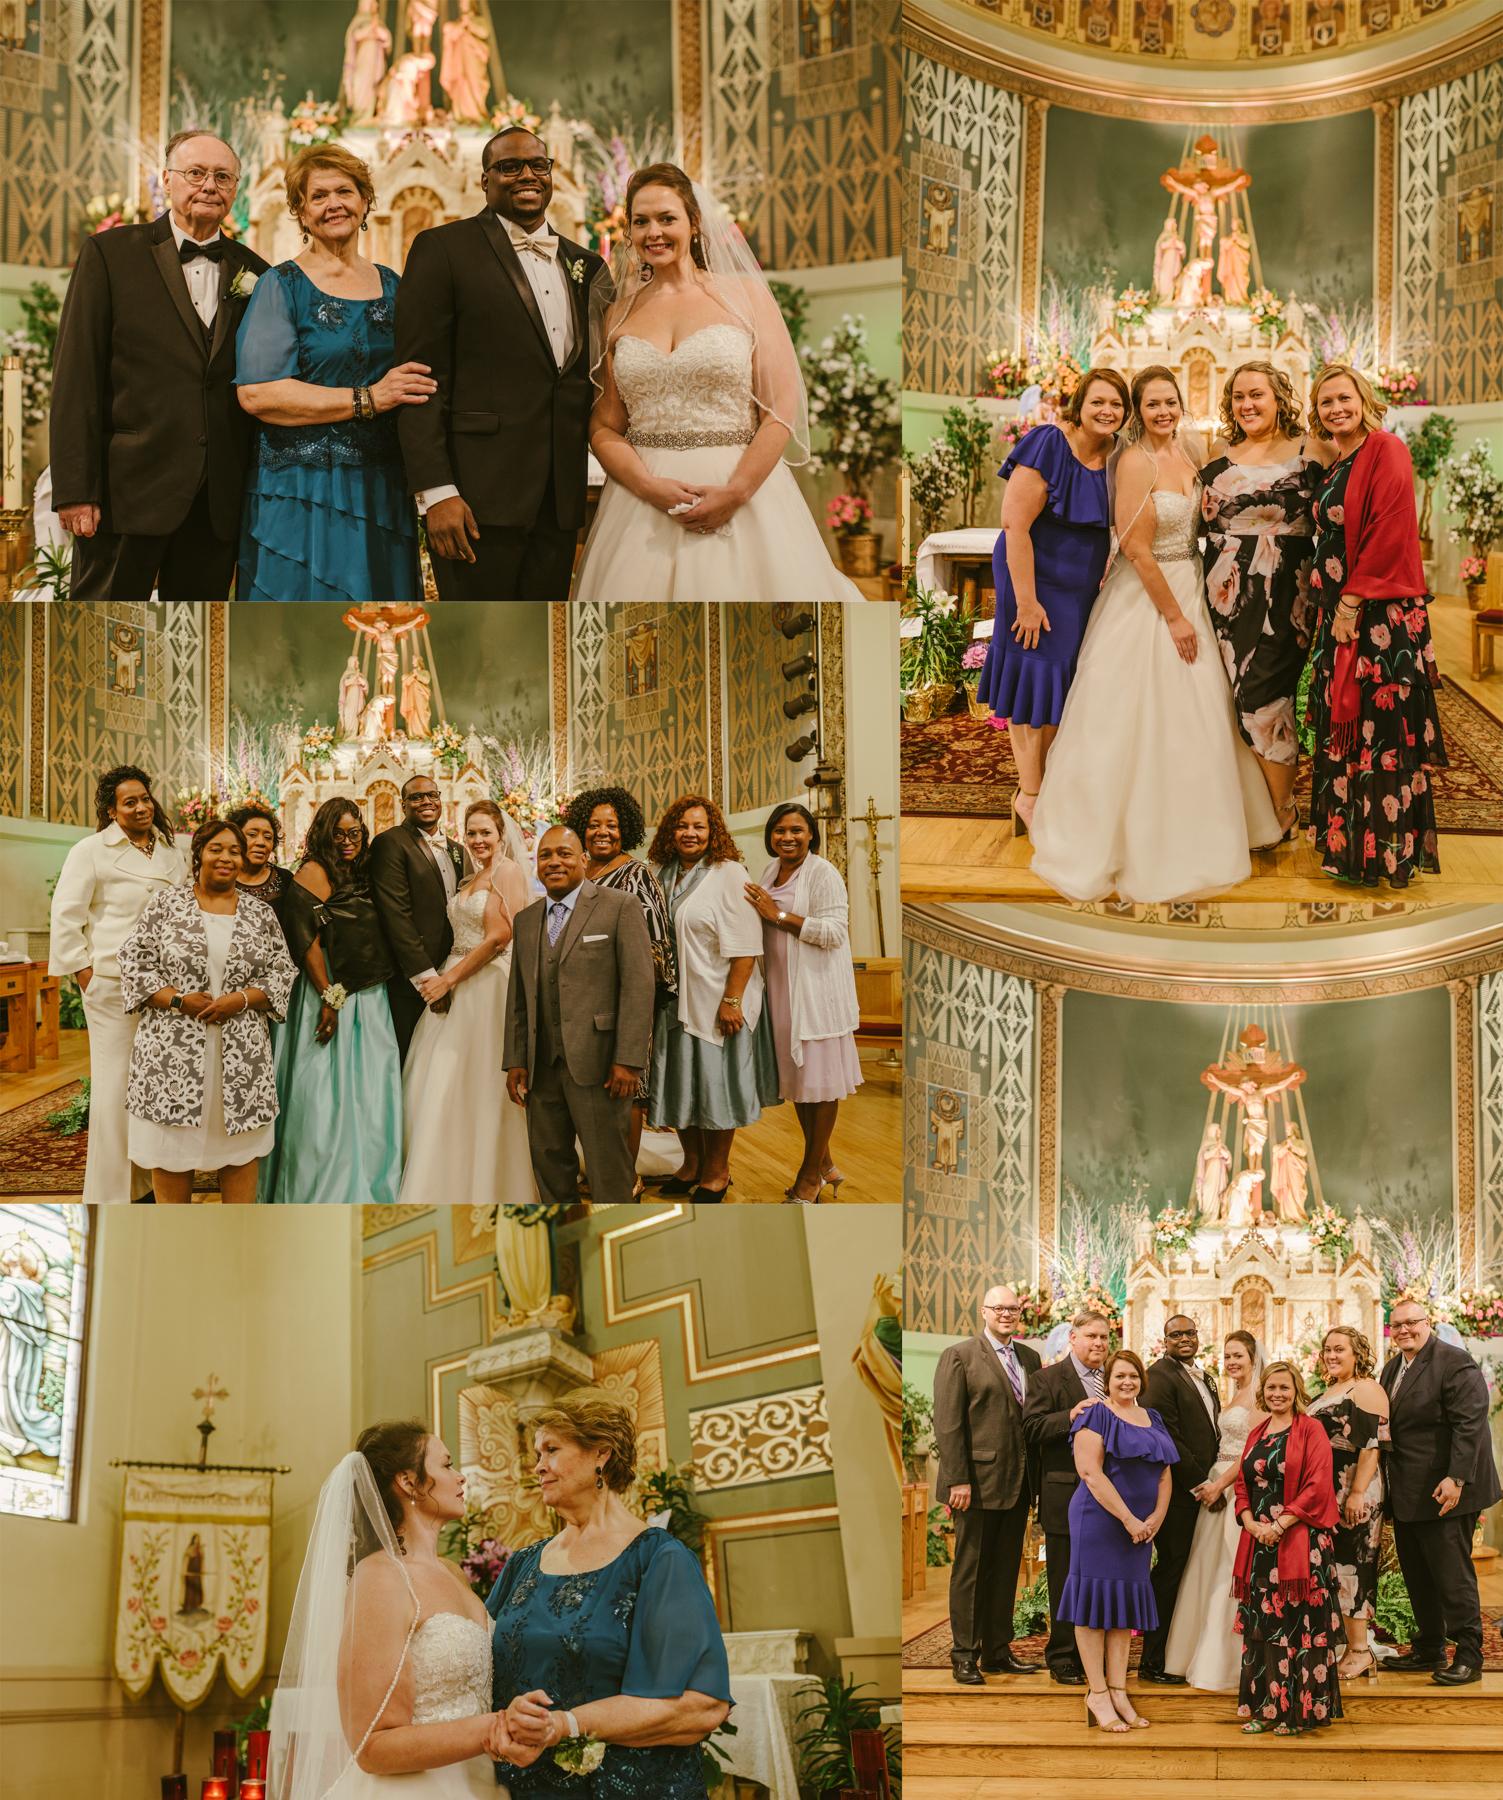 025 victoria and alex wedding.jpg